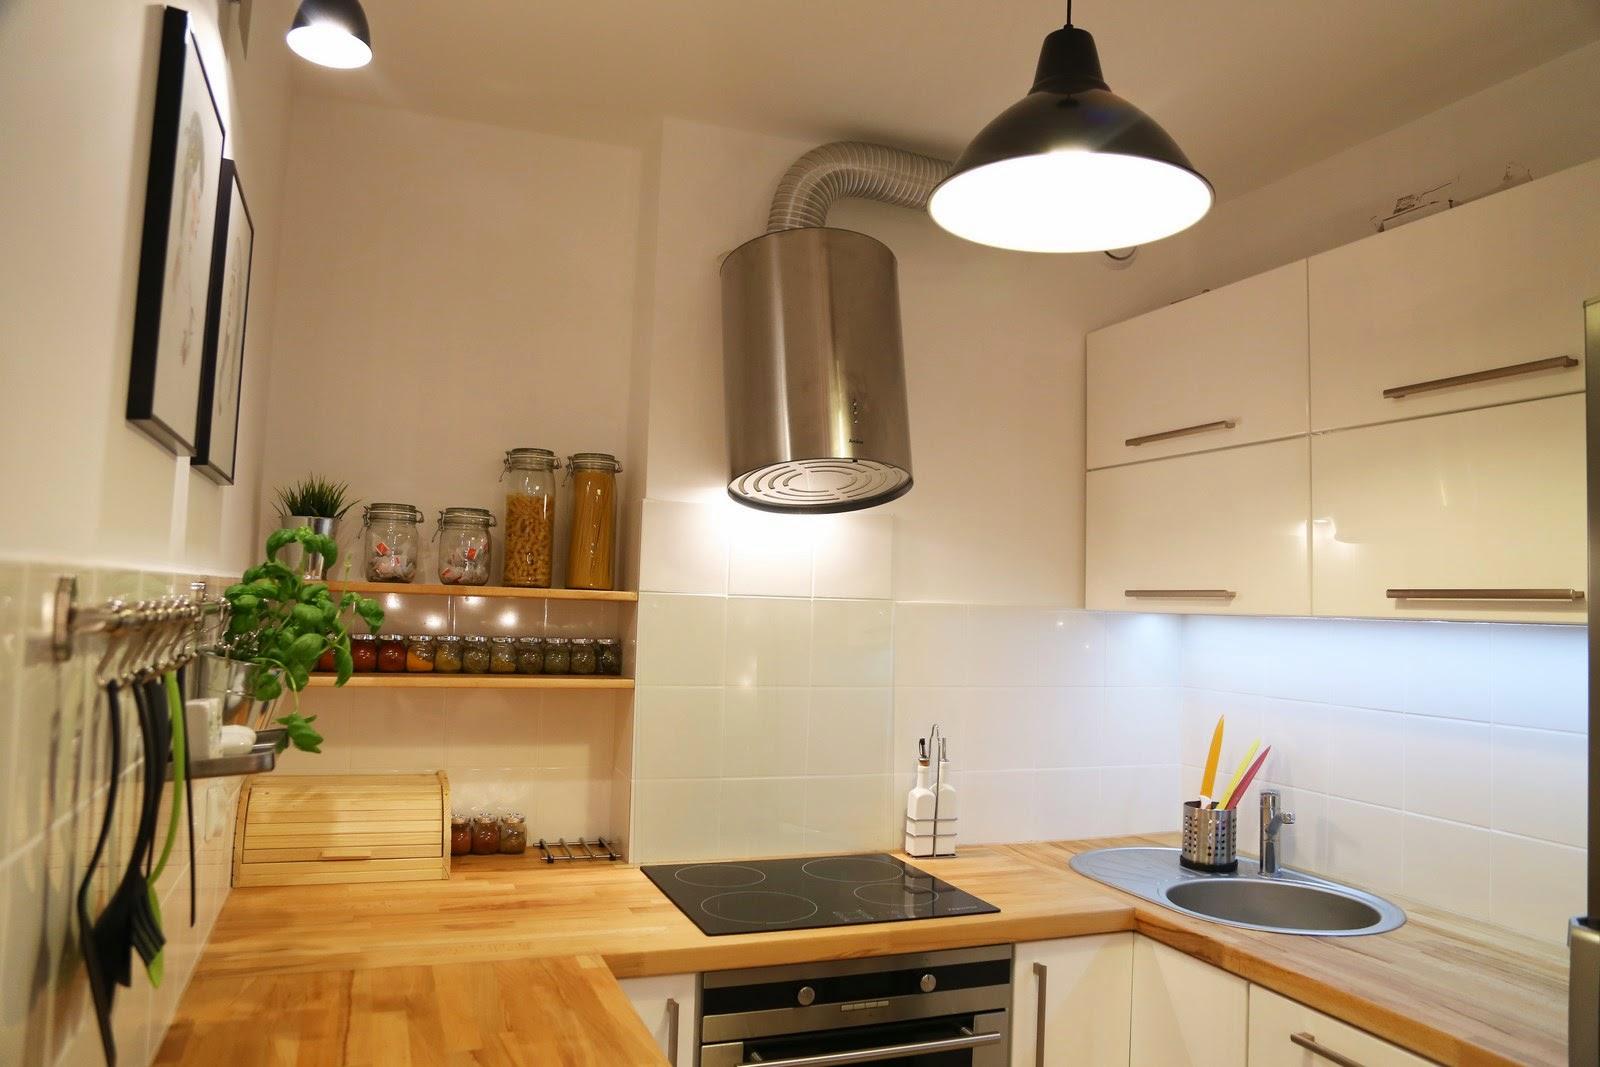 biała kuchnia mdf drewniane blaty